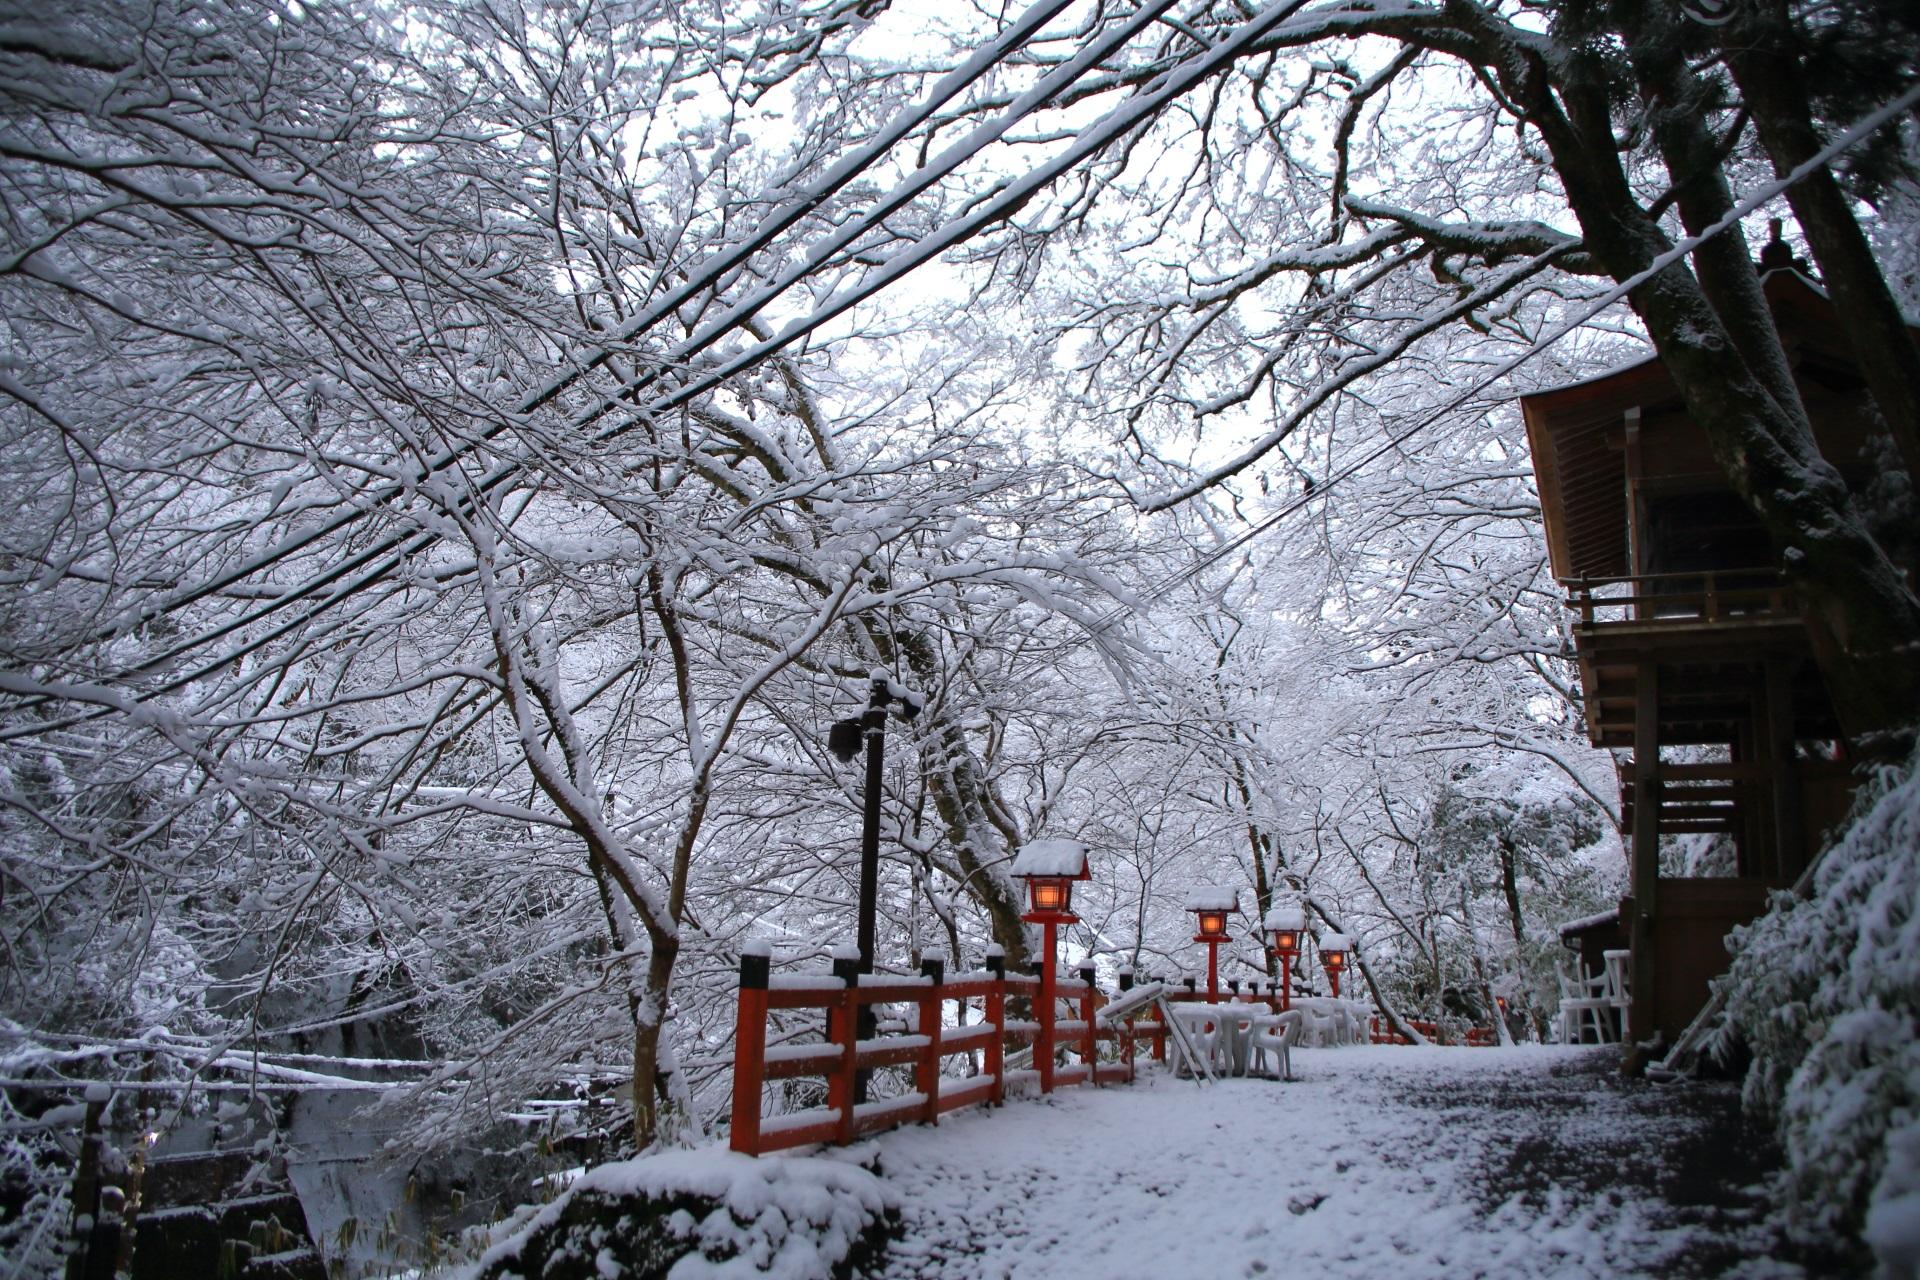 貴船神社の龍船閣と咲き乱れる雪の花